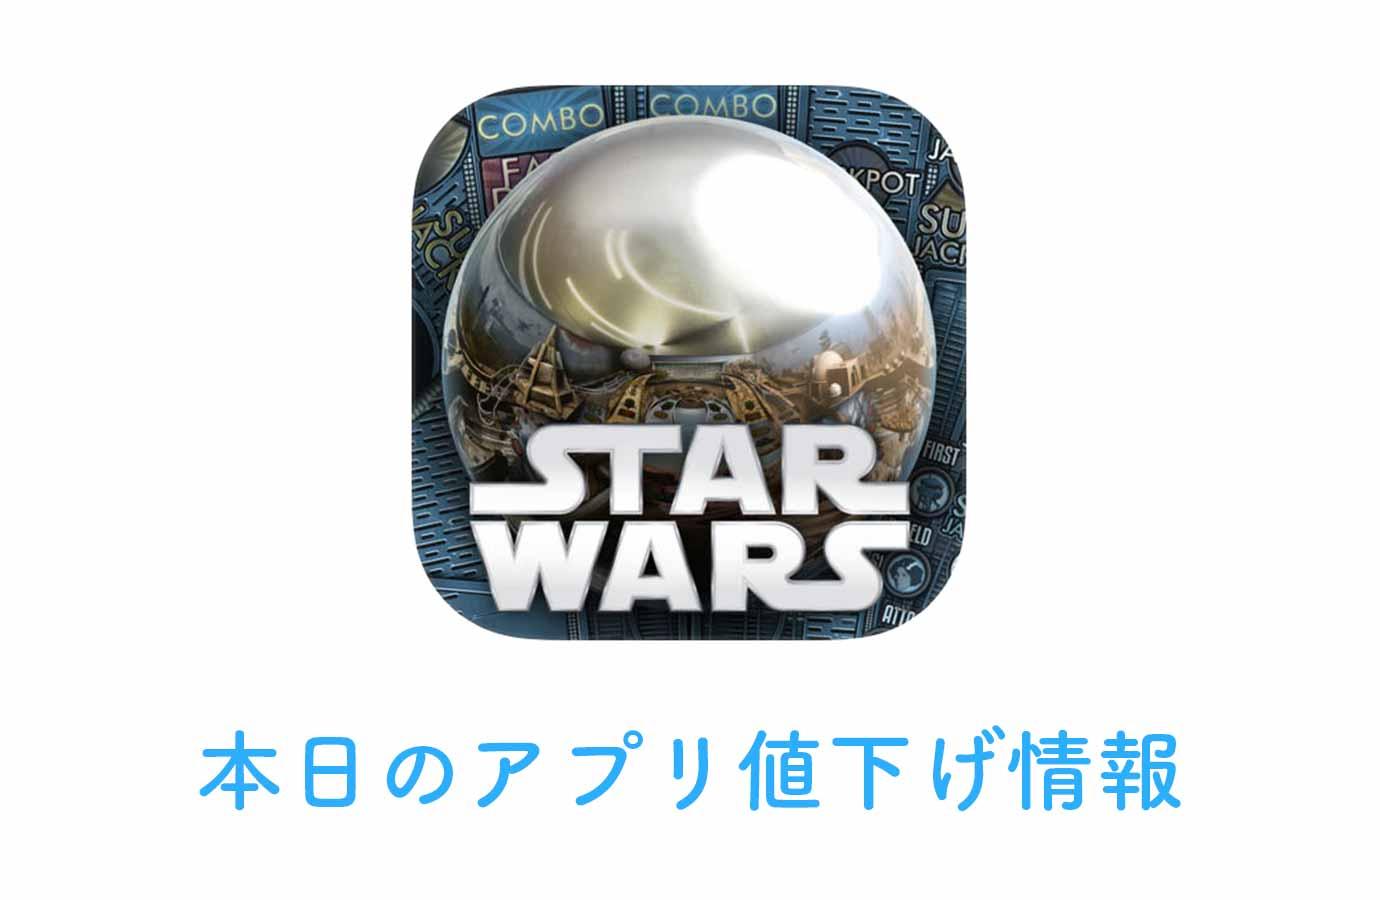 240円→無料!Star Warsをテーマにしたピンボール「Star Wars Pinball 4」など【12/15】アプリ値下げ情報